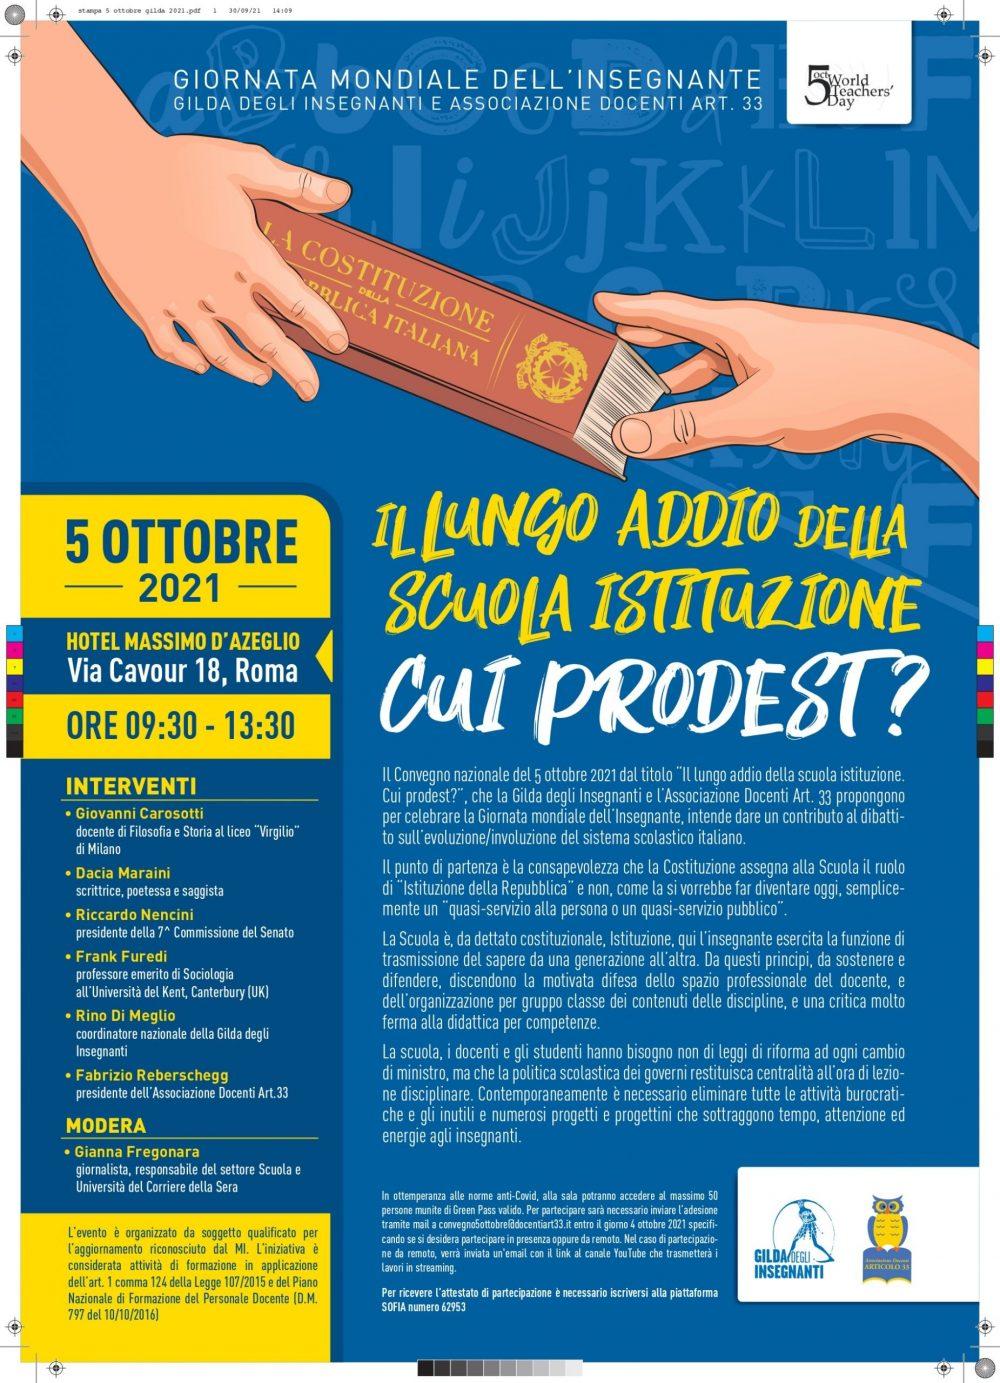 IN DIFESA DELLA SCUOLA ISTITUZIONE: 5 OTTOBRE CONVEGNO A ROMA